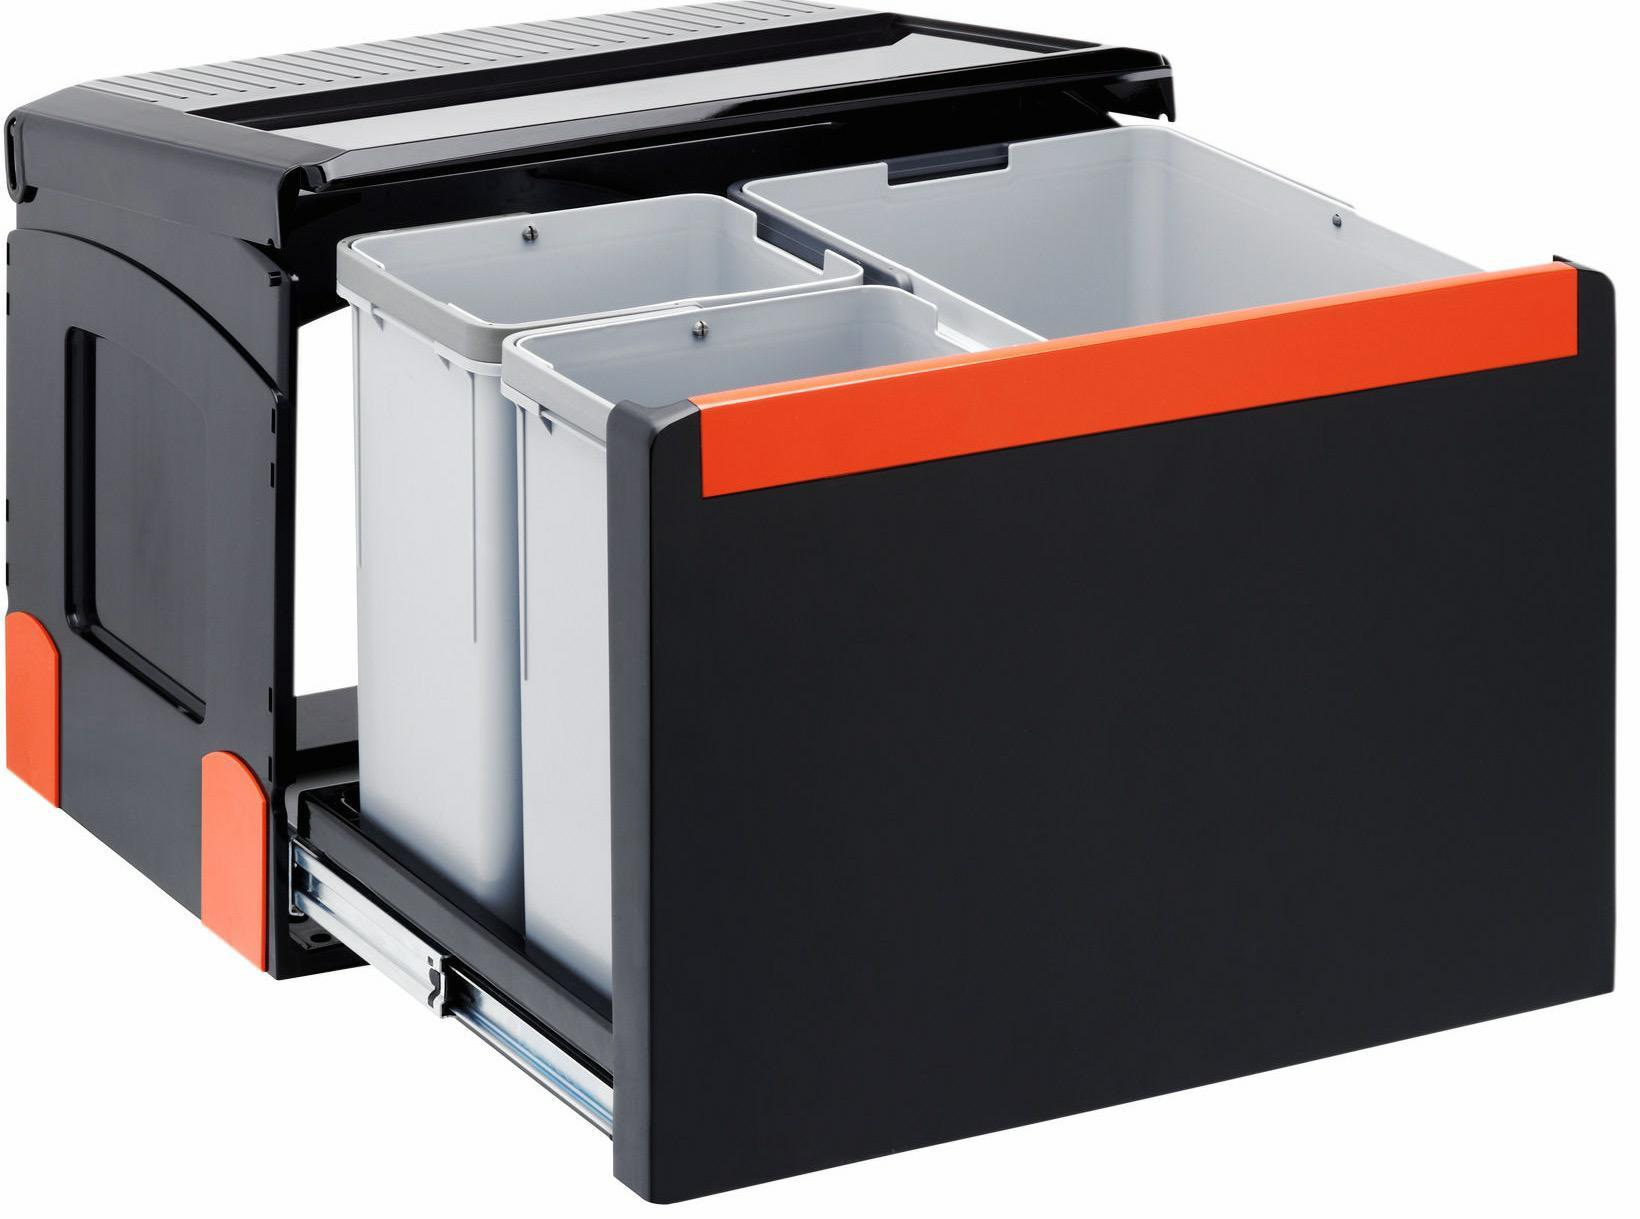 afvalemmer sorter Franke Toebehoren C50A503 afvalemmer sorter C 50A503 C 50 A 503